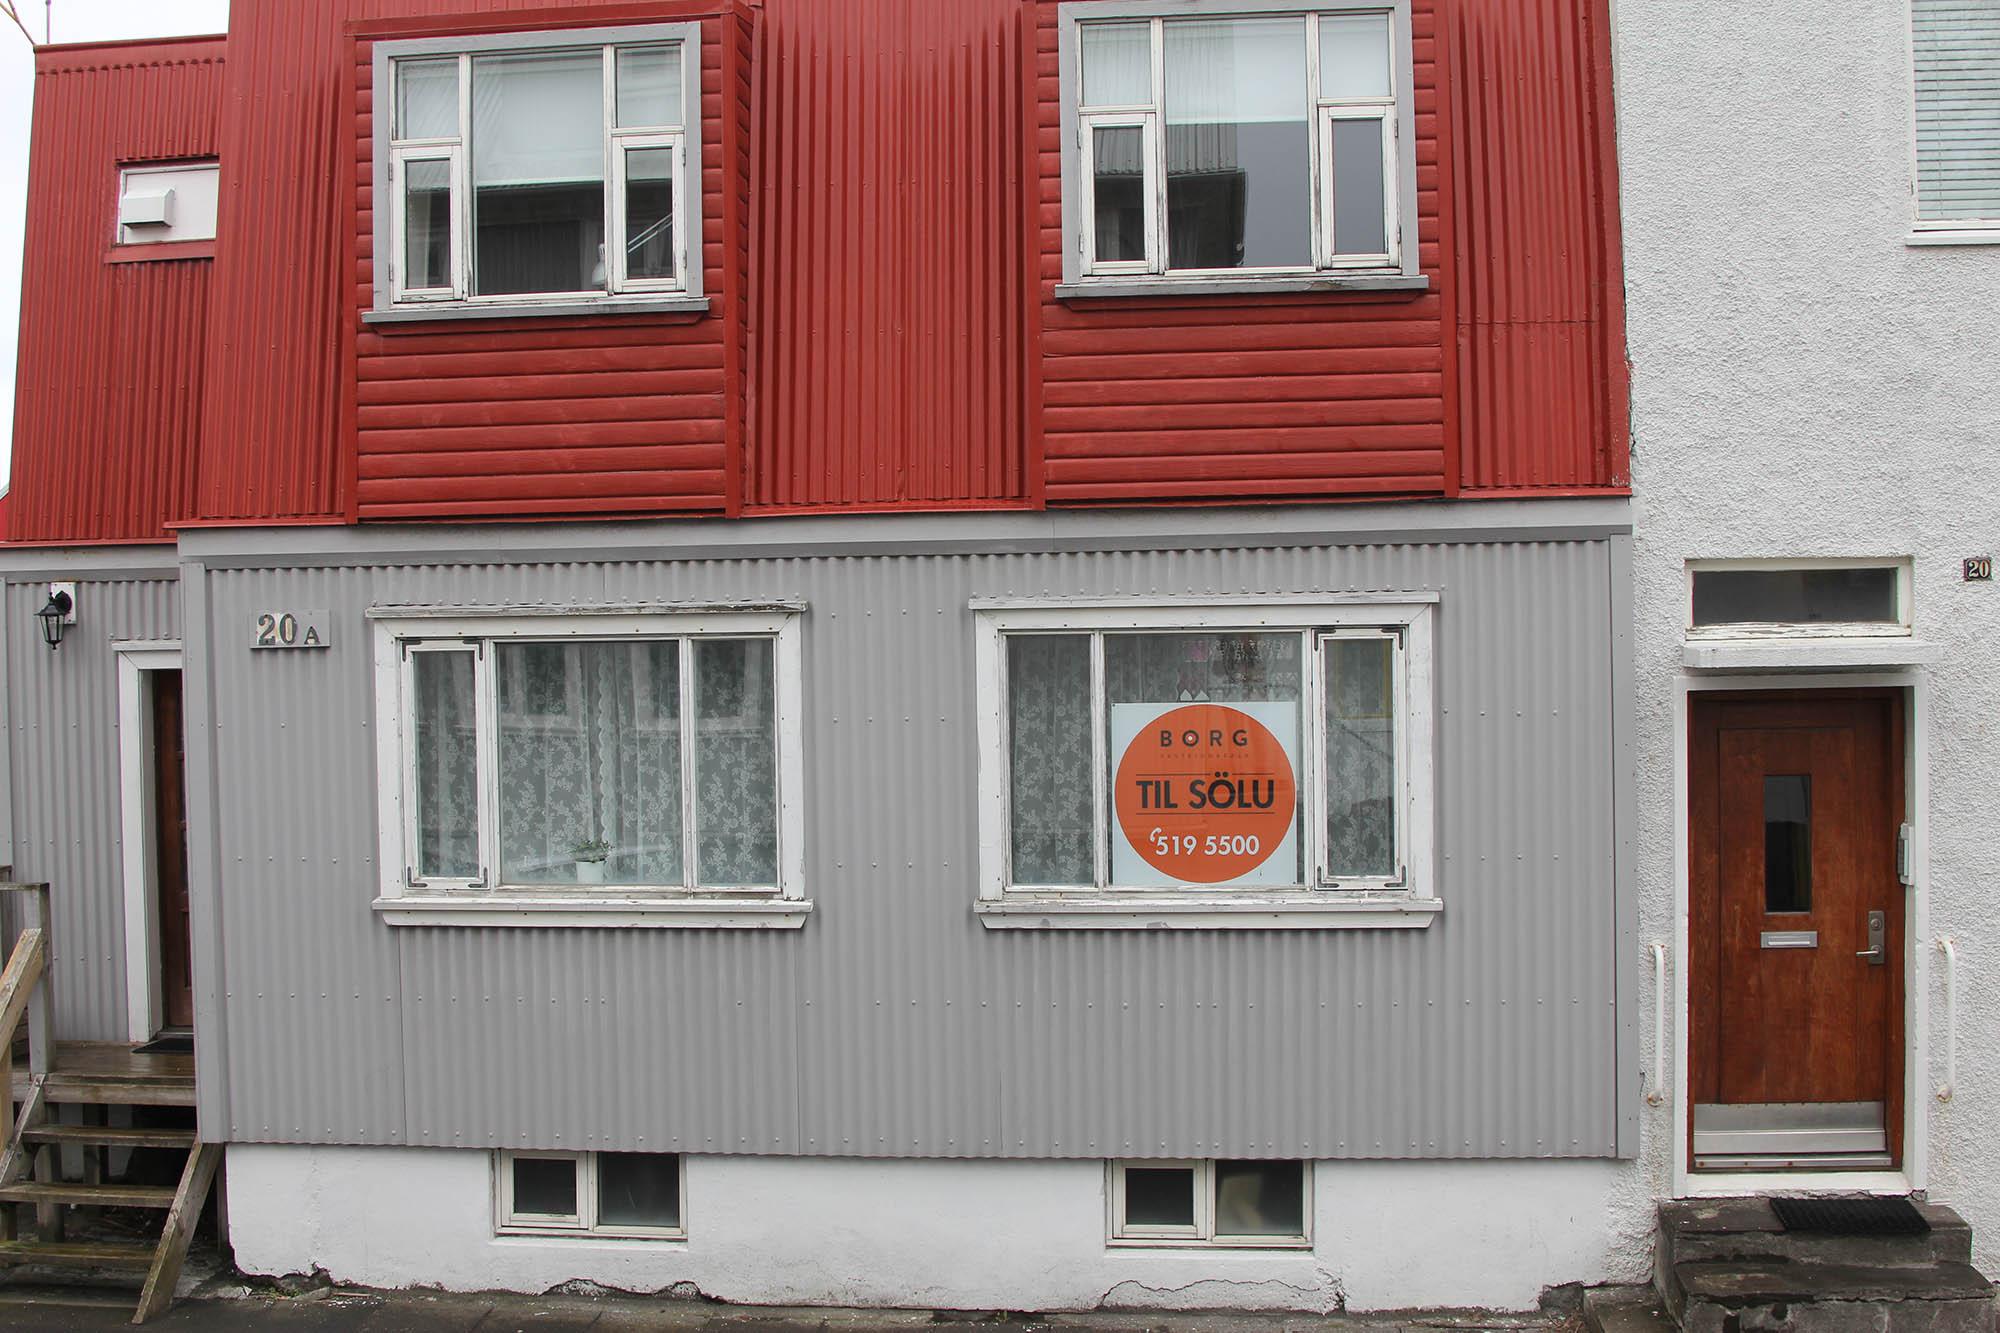 Соседский дом площадью 163 кв. м. выставили на продажу за 68,5 млн крон (40,3 млн рублей)